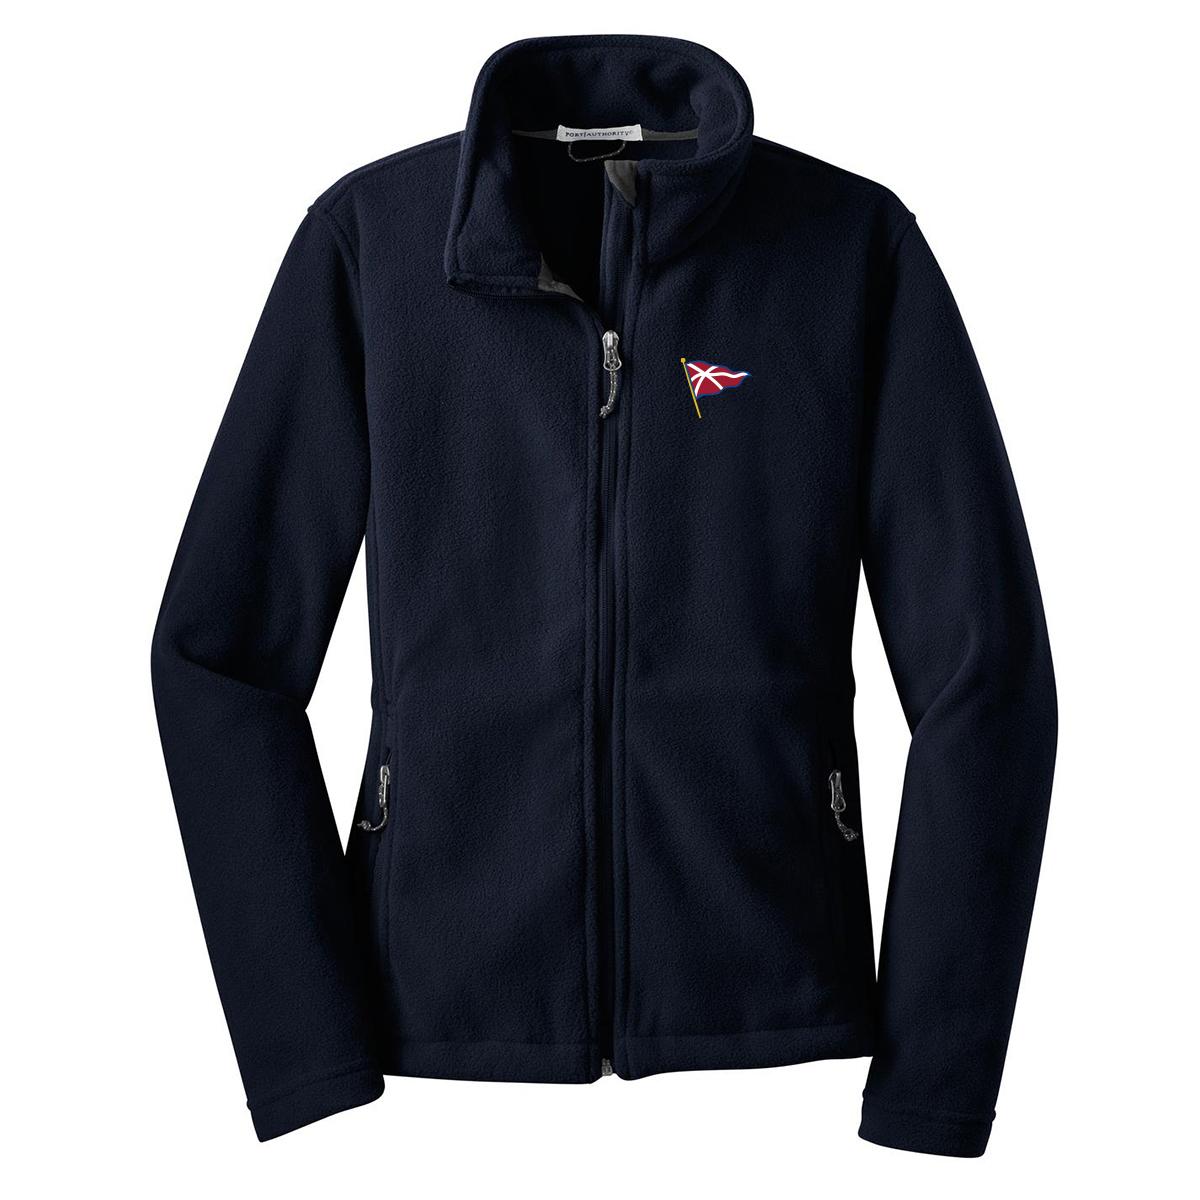 Orient Yacht Club - PA Women's Value Fleece Jacket